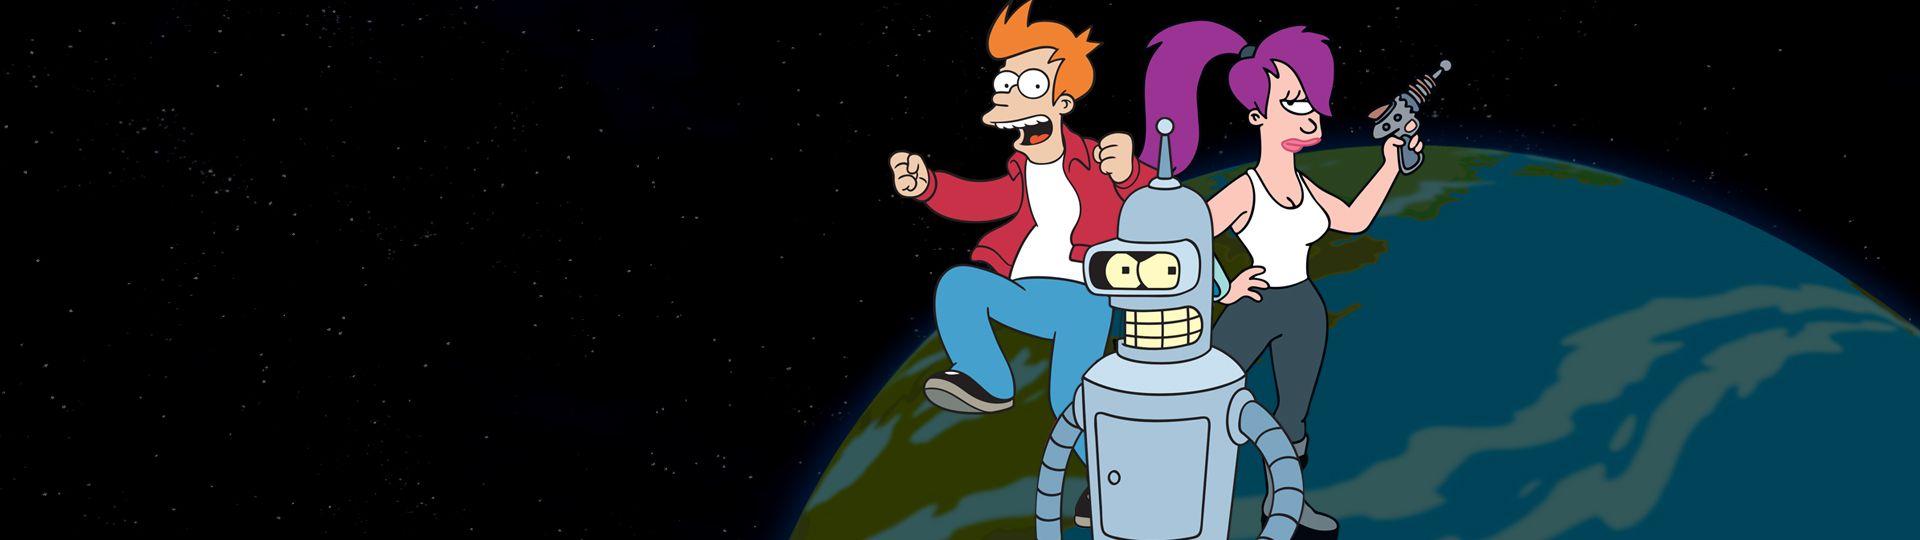 скачать Futurama торрент - фото 5